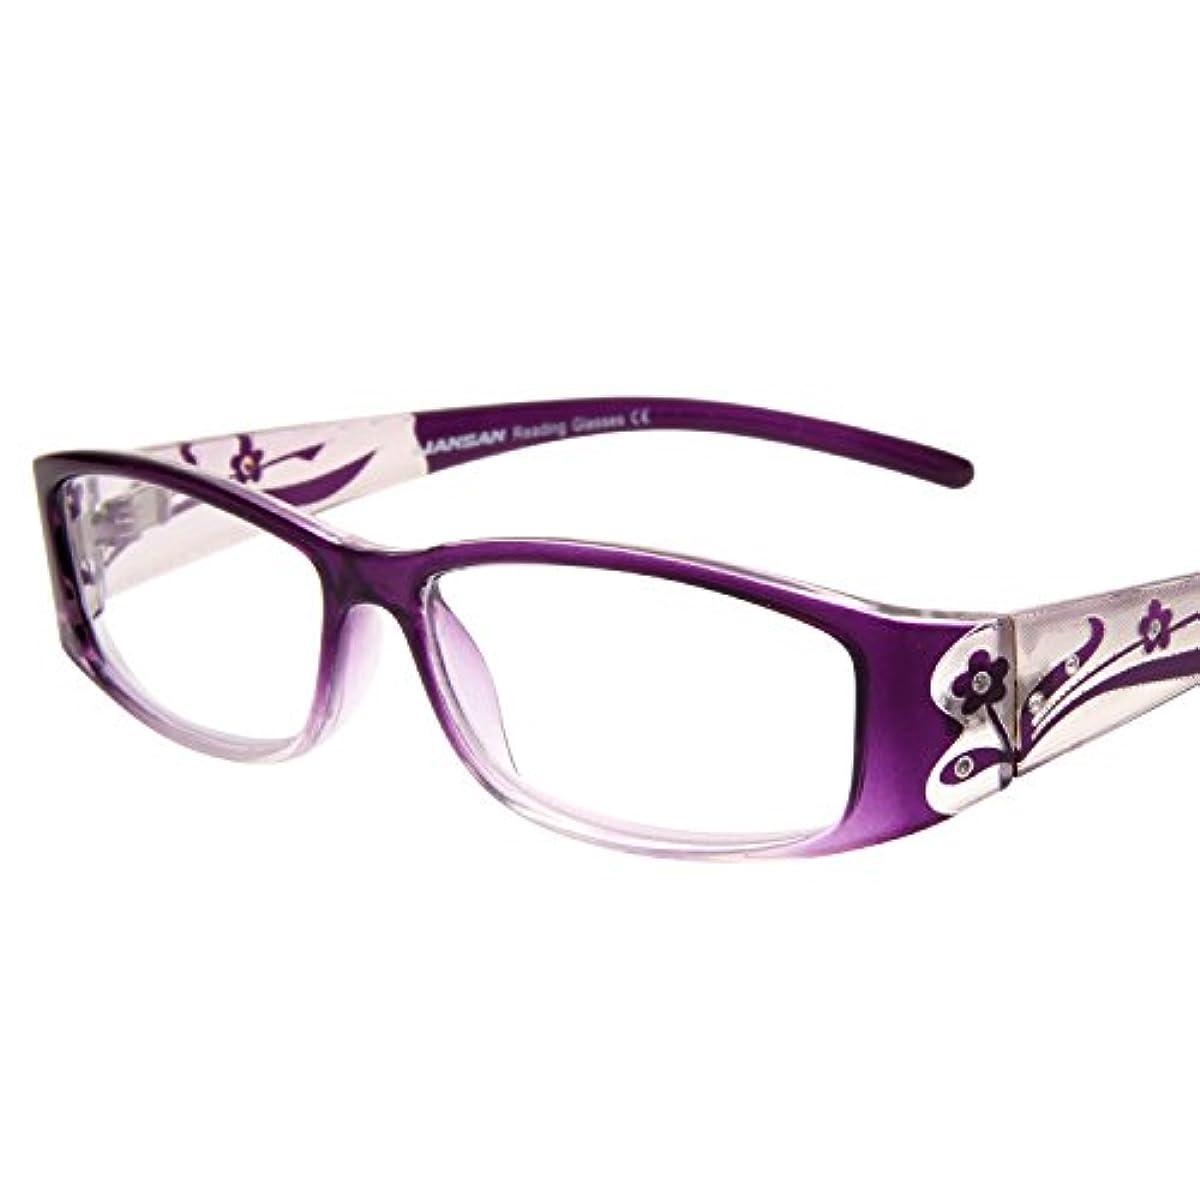 代名詞社交的管理する(レンサン) LianSan老眼鏡 女性 レディース フルリム スクエア おしゃれな リーディンググラス シニアグラス 老眼鏡 L3711 クリアパープル +3.00